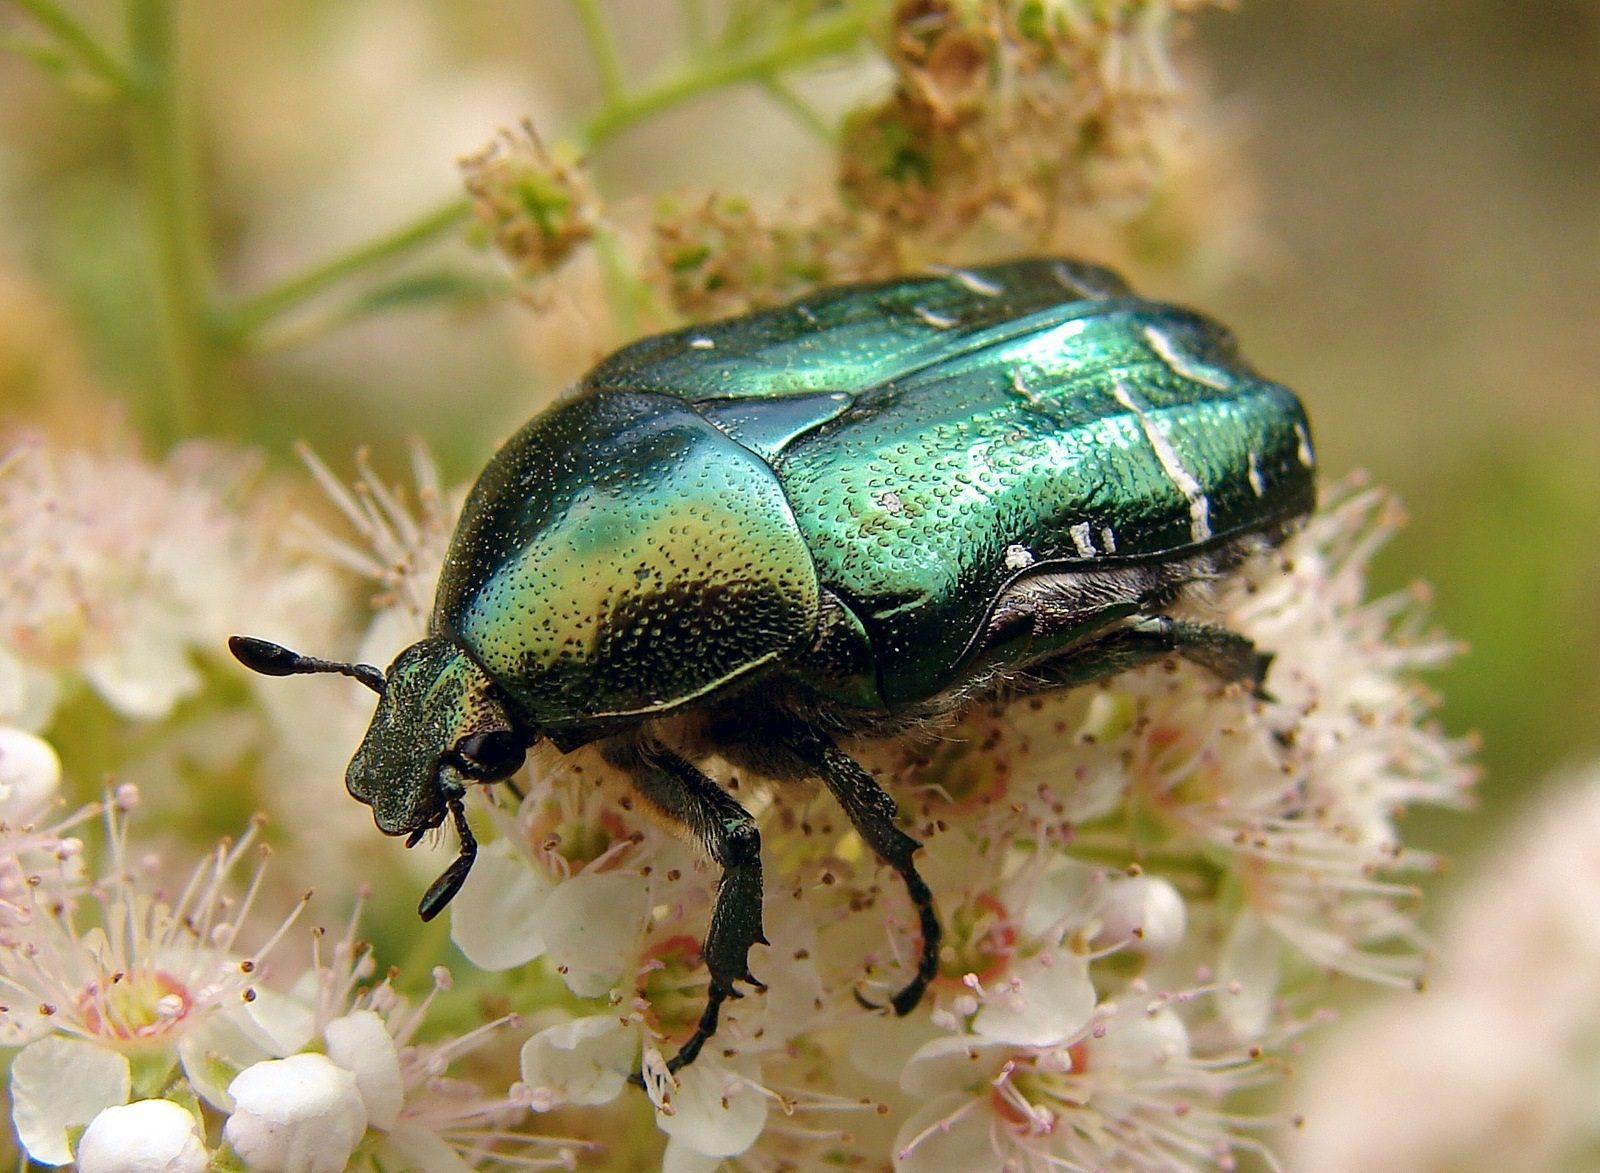 Бабочки, жуки, насекомые, макро, фотографии, природа ...